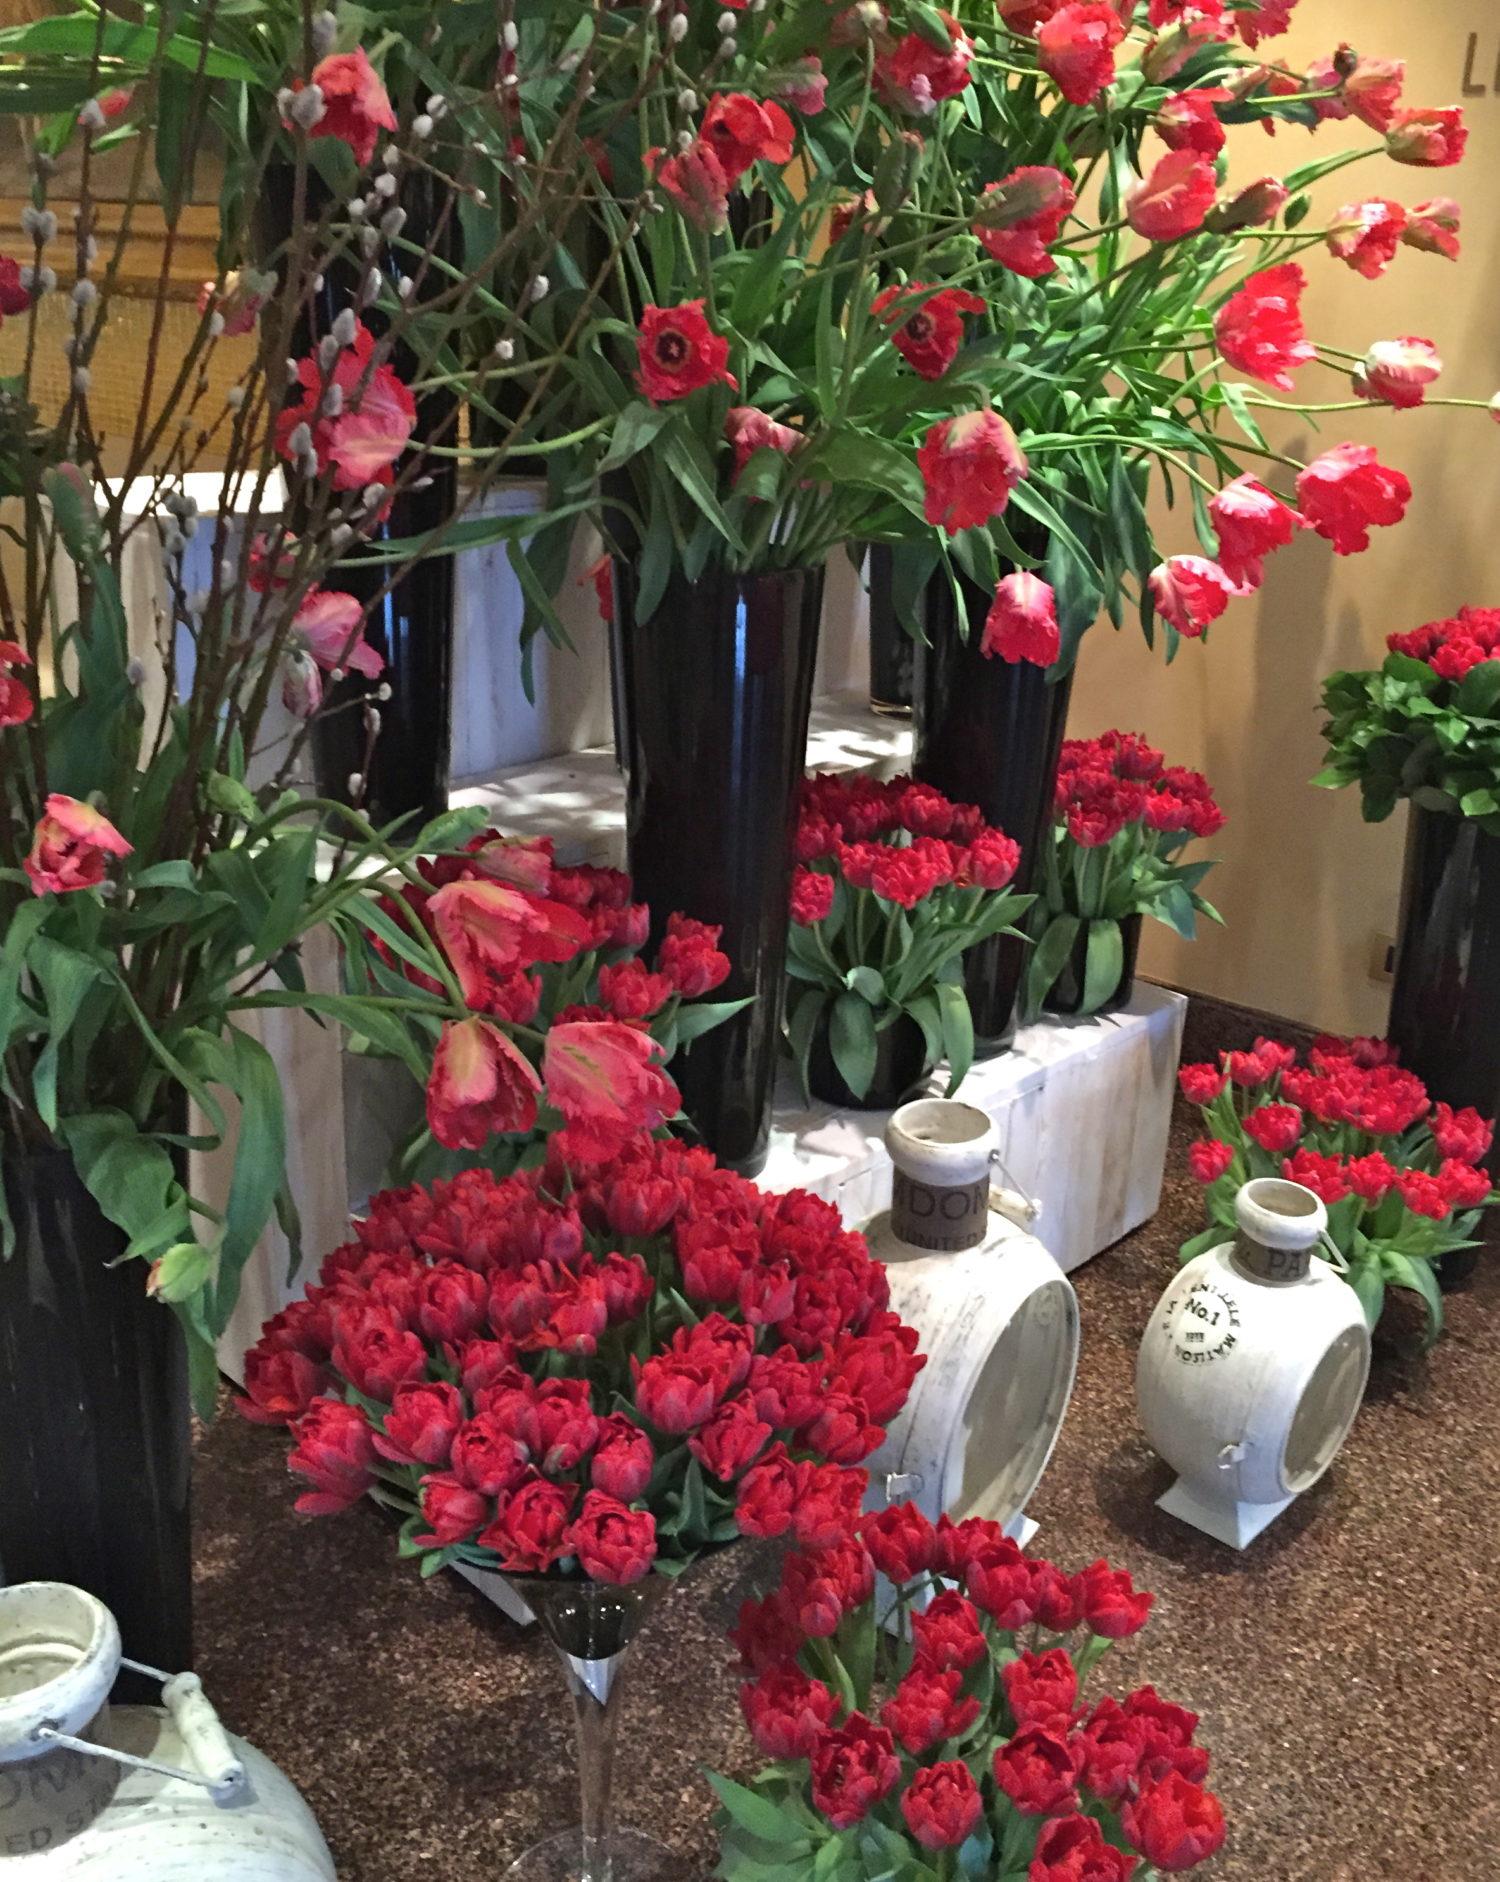 Red couverte du restaurant le jardin de l 39 h tel richemond for Restaurant le jardin richemond geneva